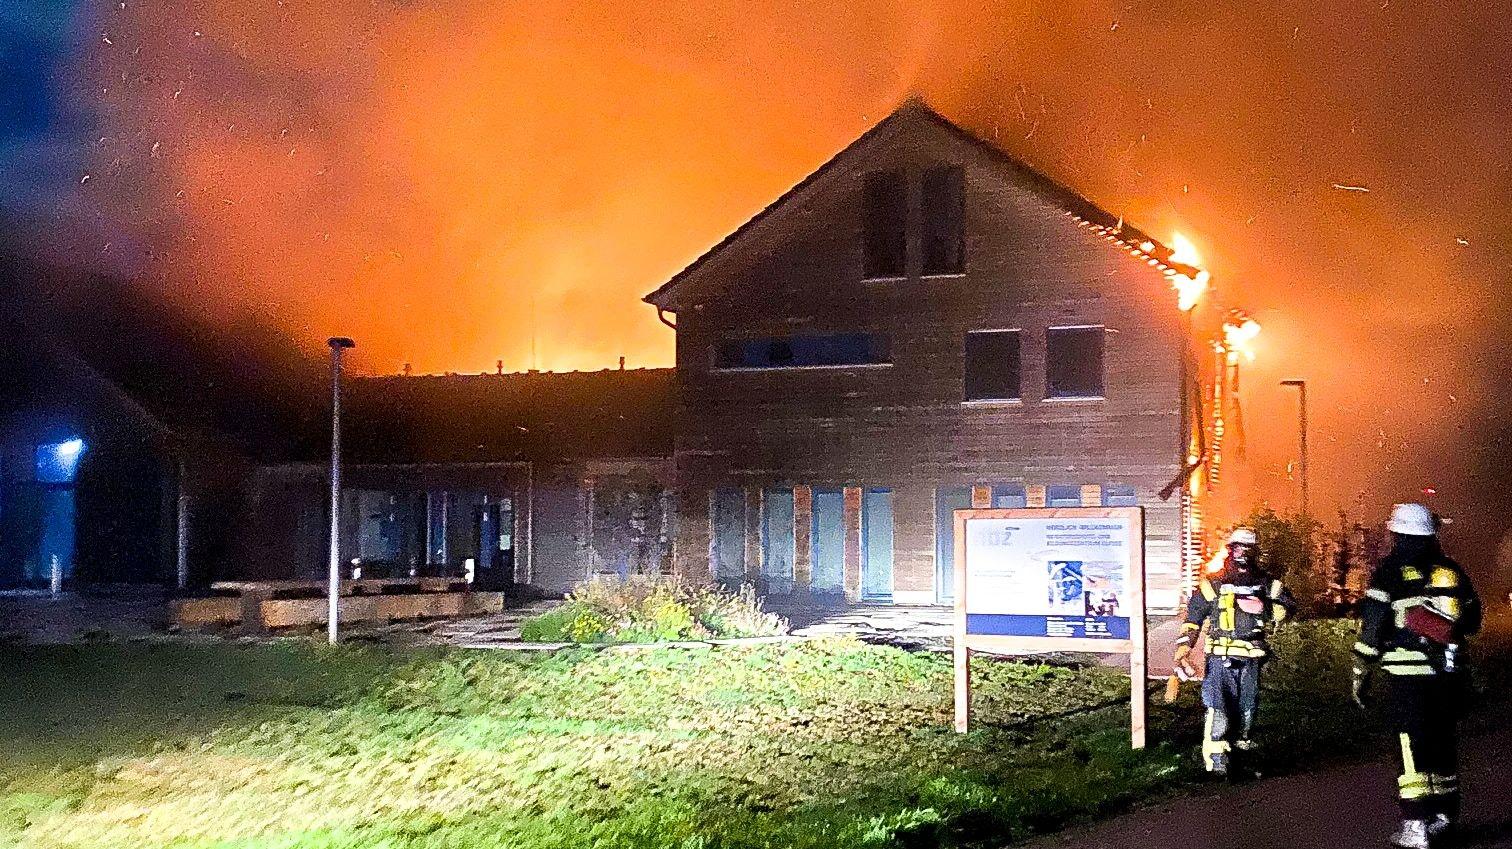 Großbrand: Kräfte von acht Feuerwehren waren im Einsatz, um das Feuer im Naturschutz- und Bildungszentrum am Alfsee in Rieste zu bekämpfen. Foto: Lindemann